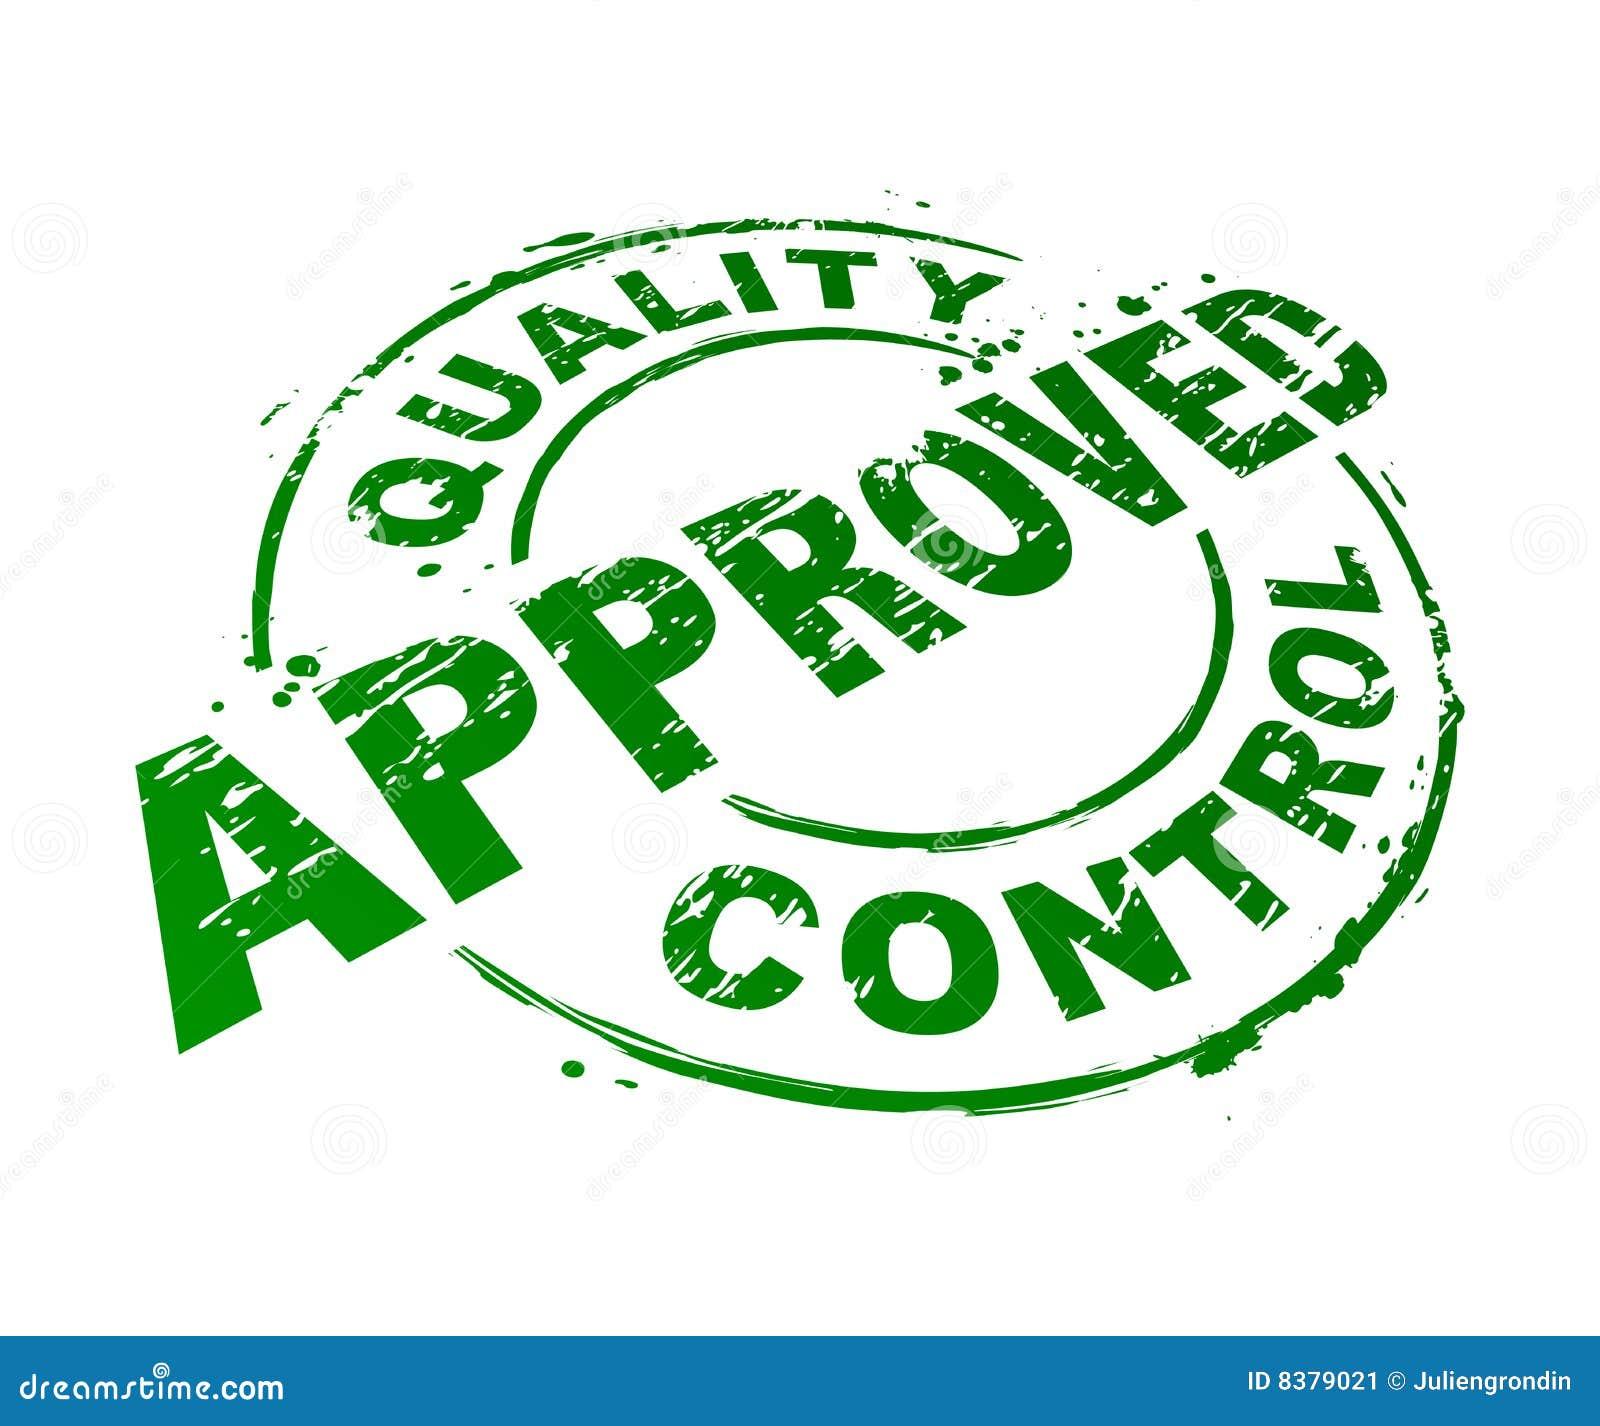 controllo-di-qualit%C3%A0-approvato-8379